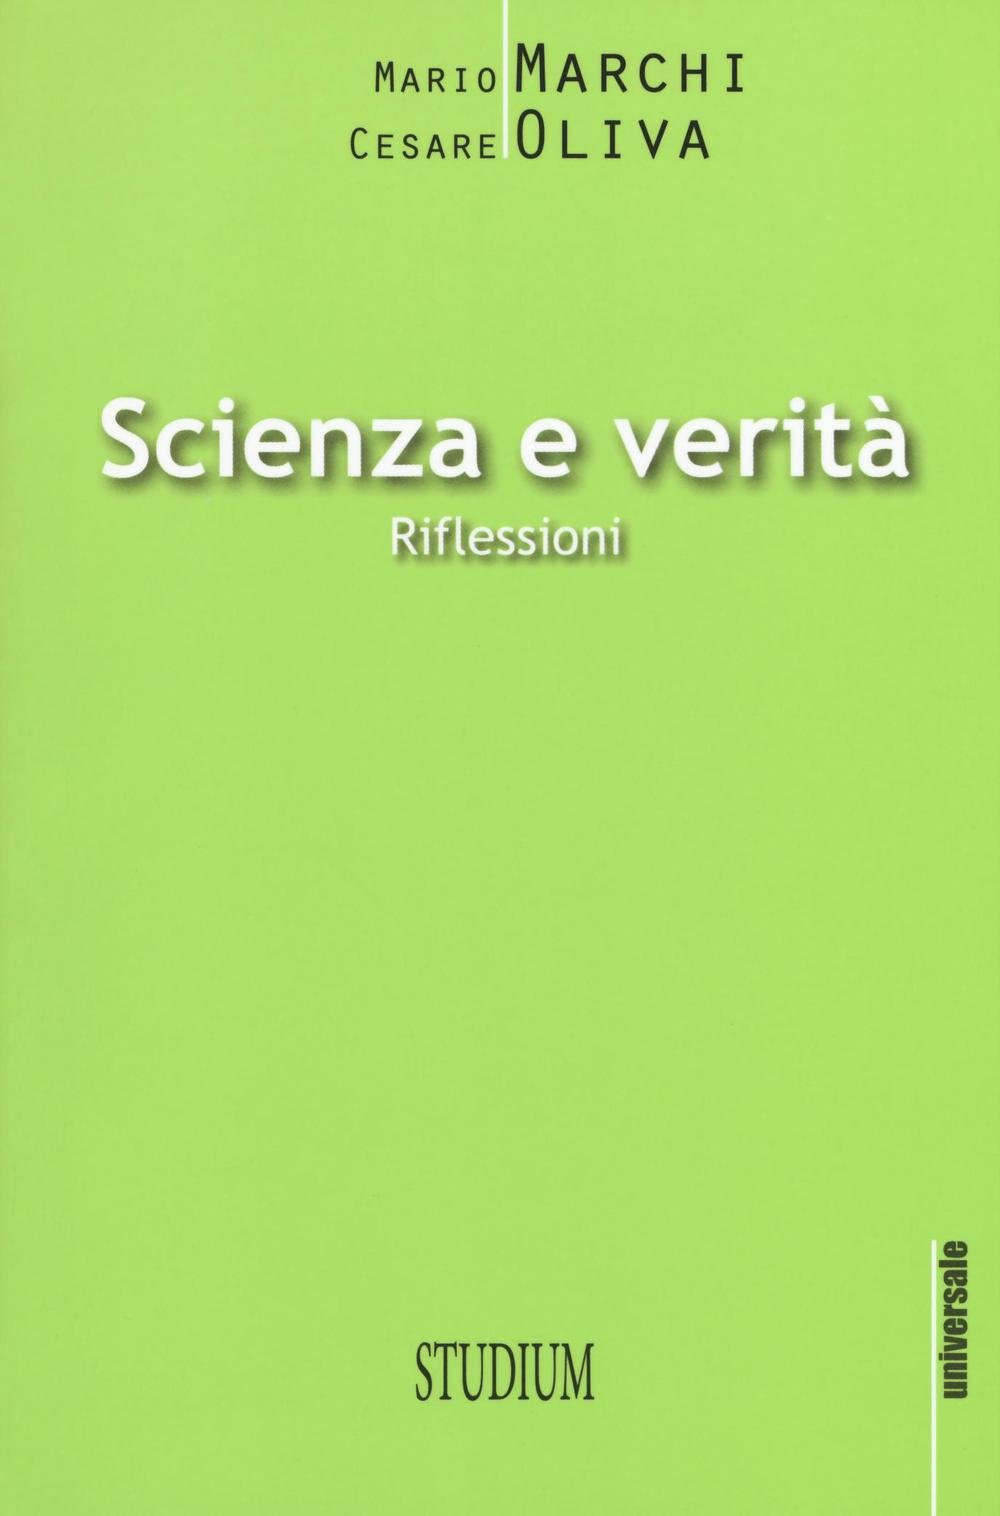 Scienza e verità. Riflessioni